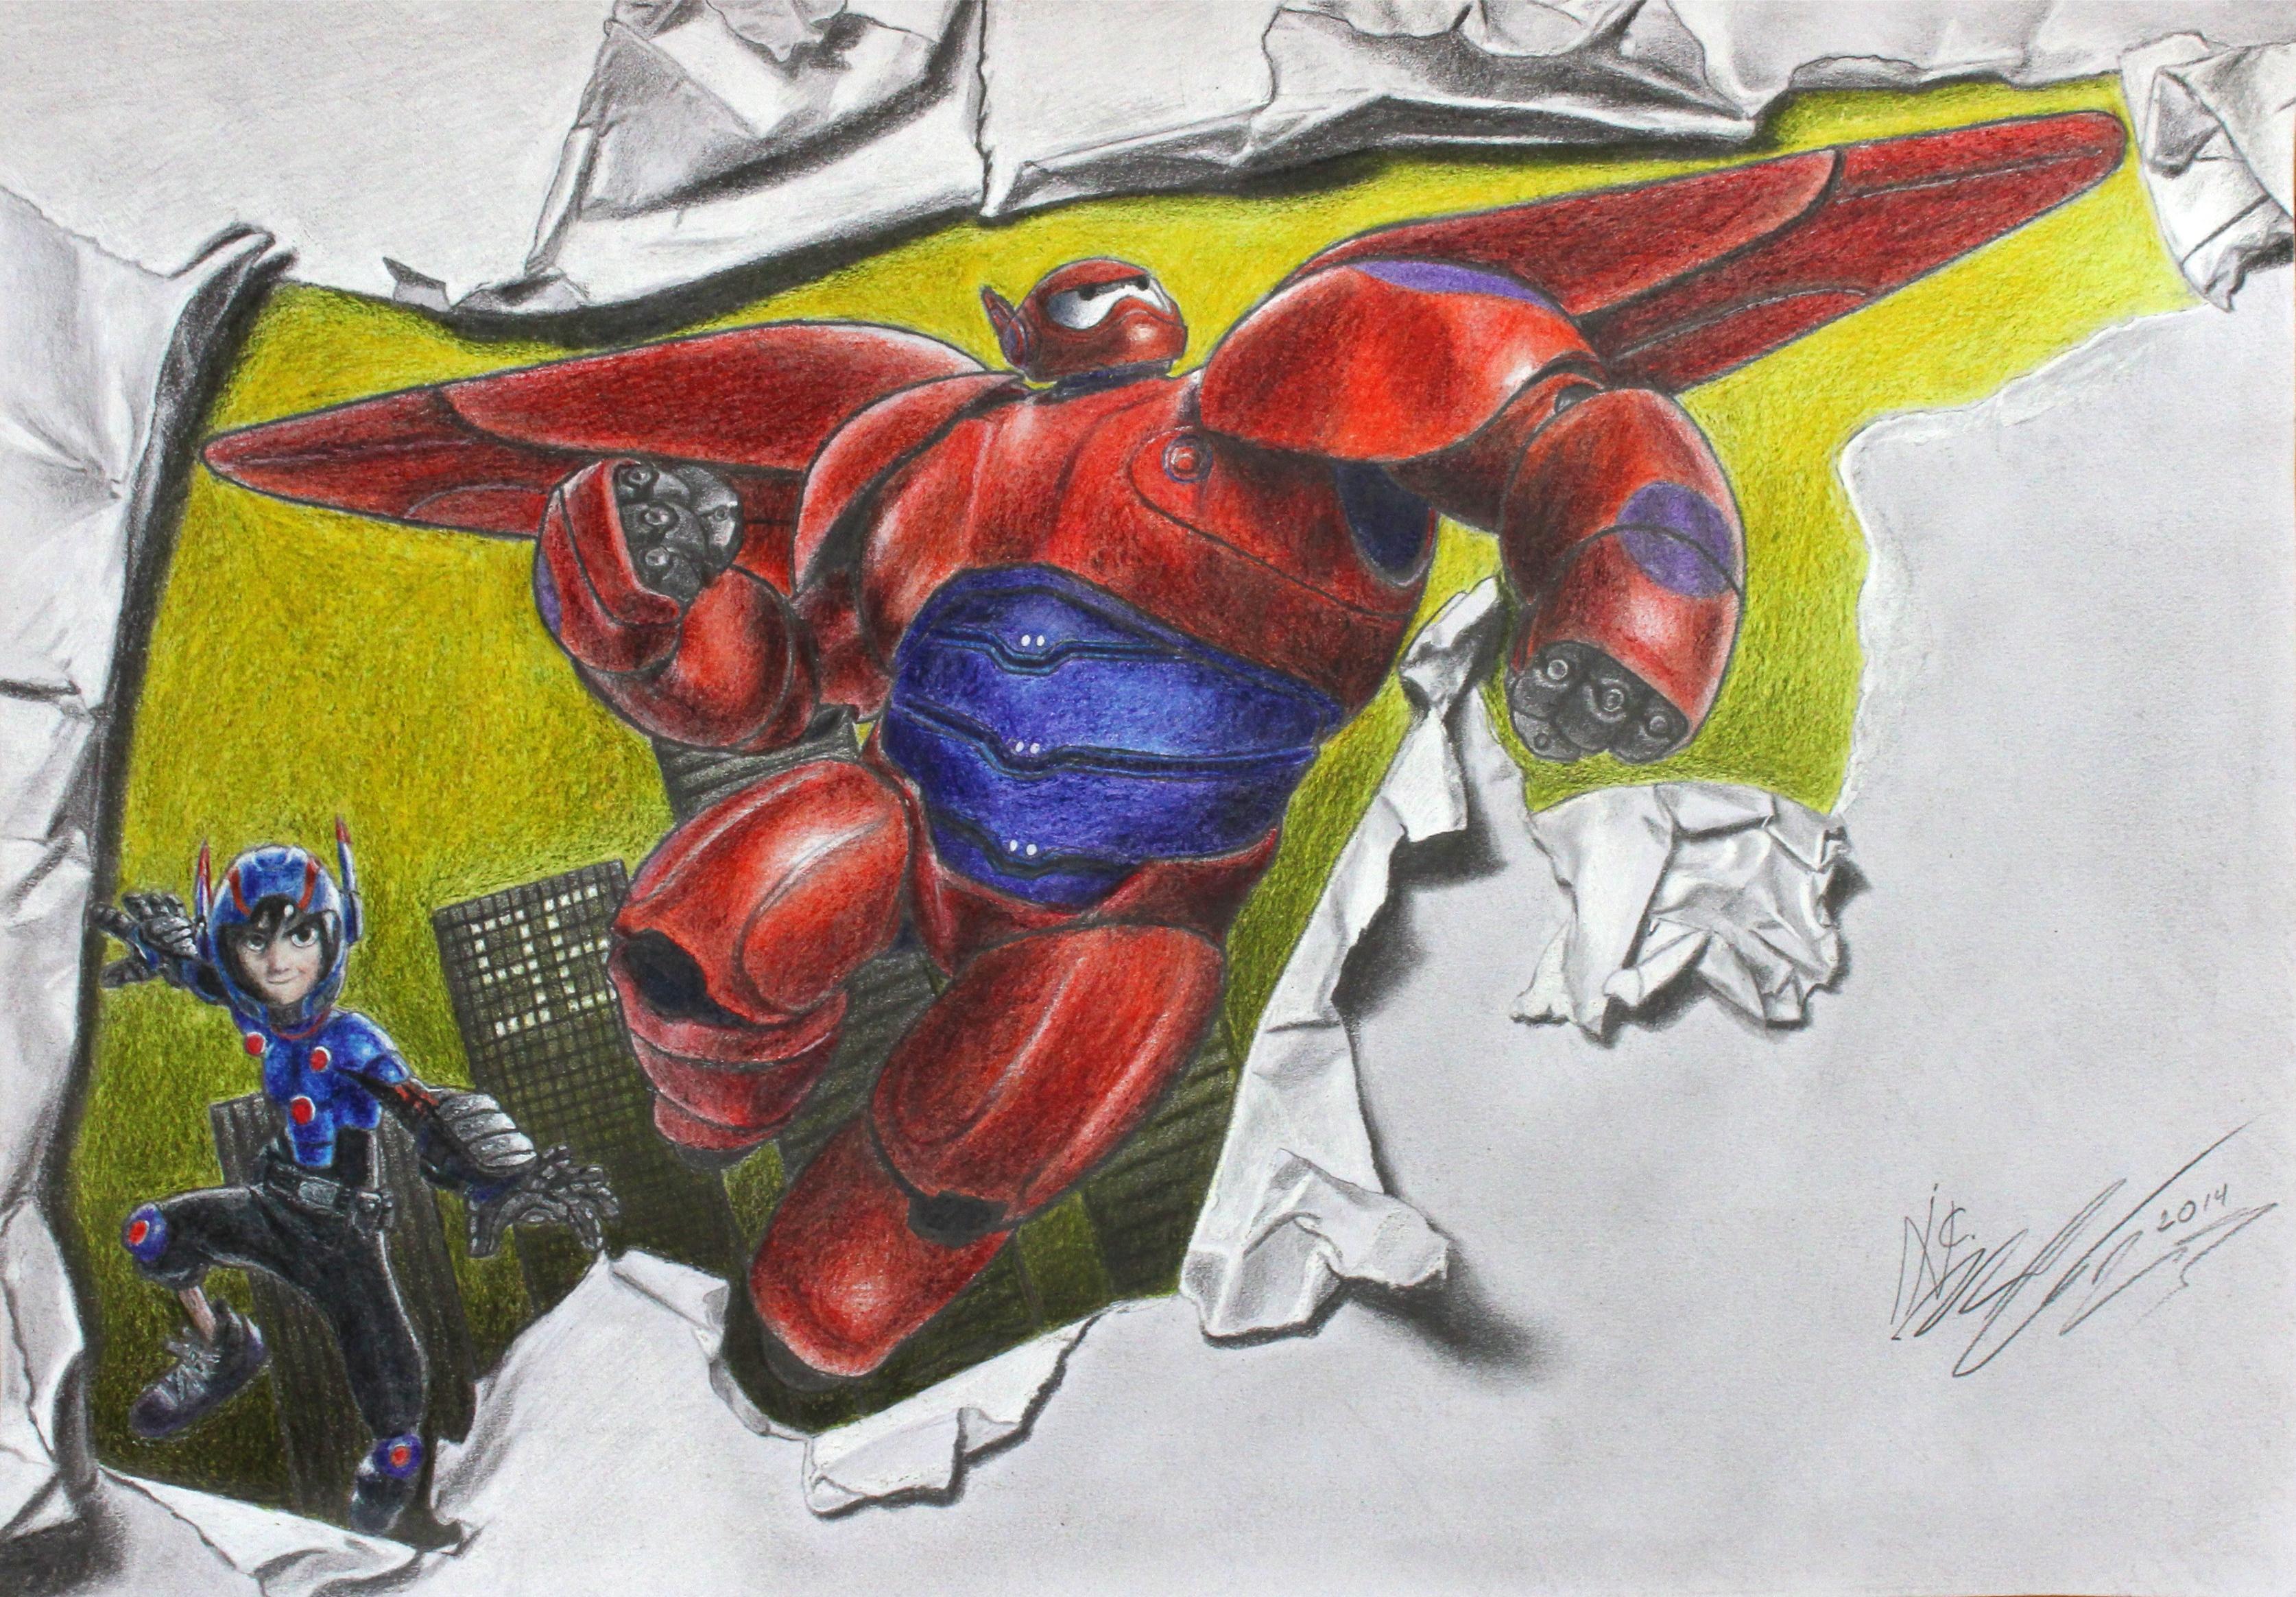 Drawing Hiro Hamada And Baymax From Big Hero 6 By SuperNikolai1996